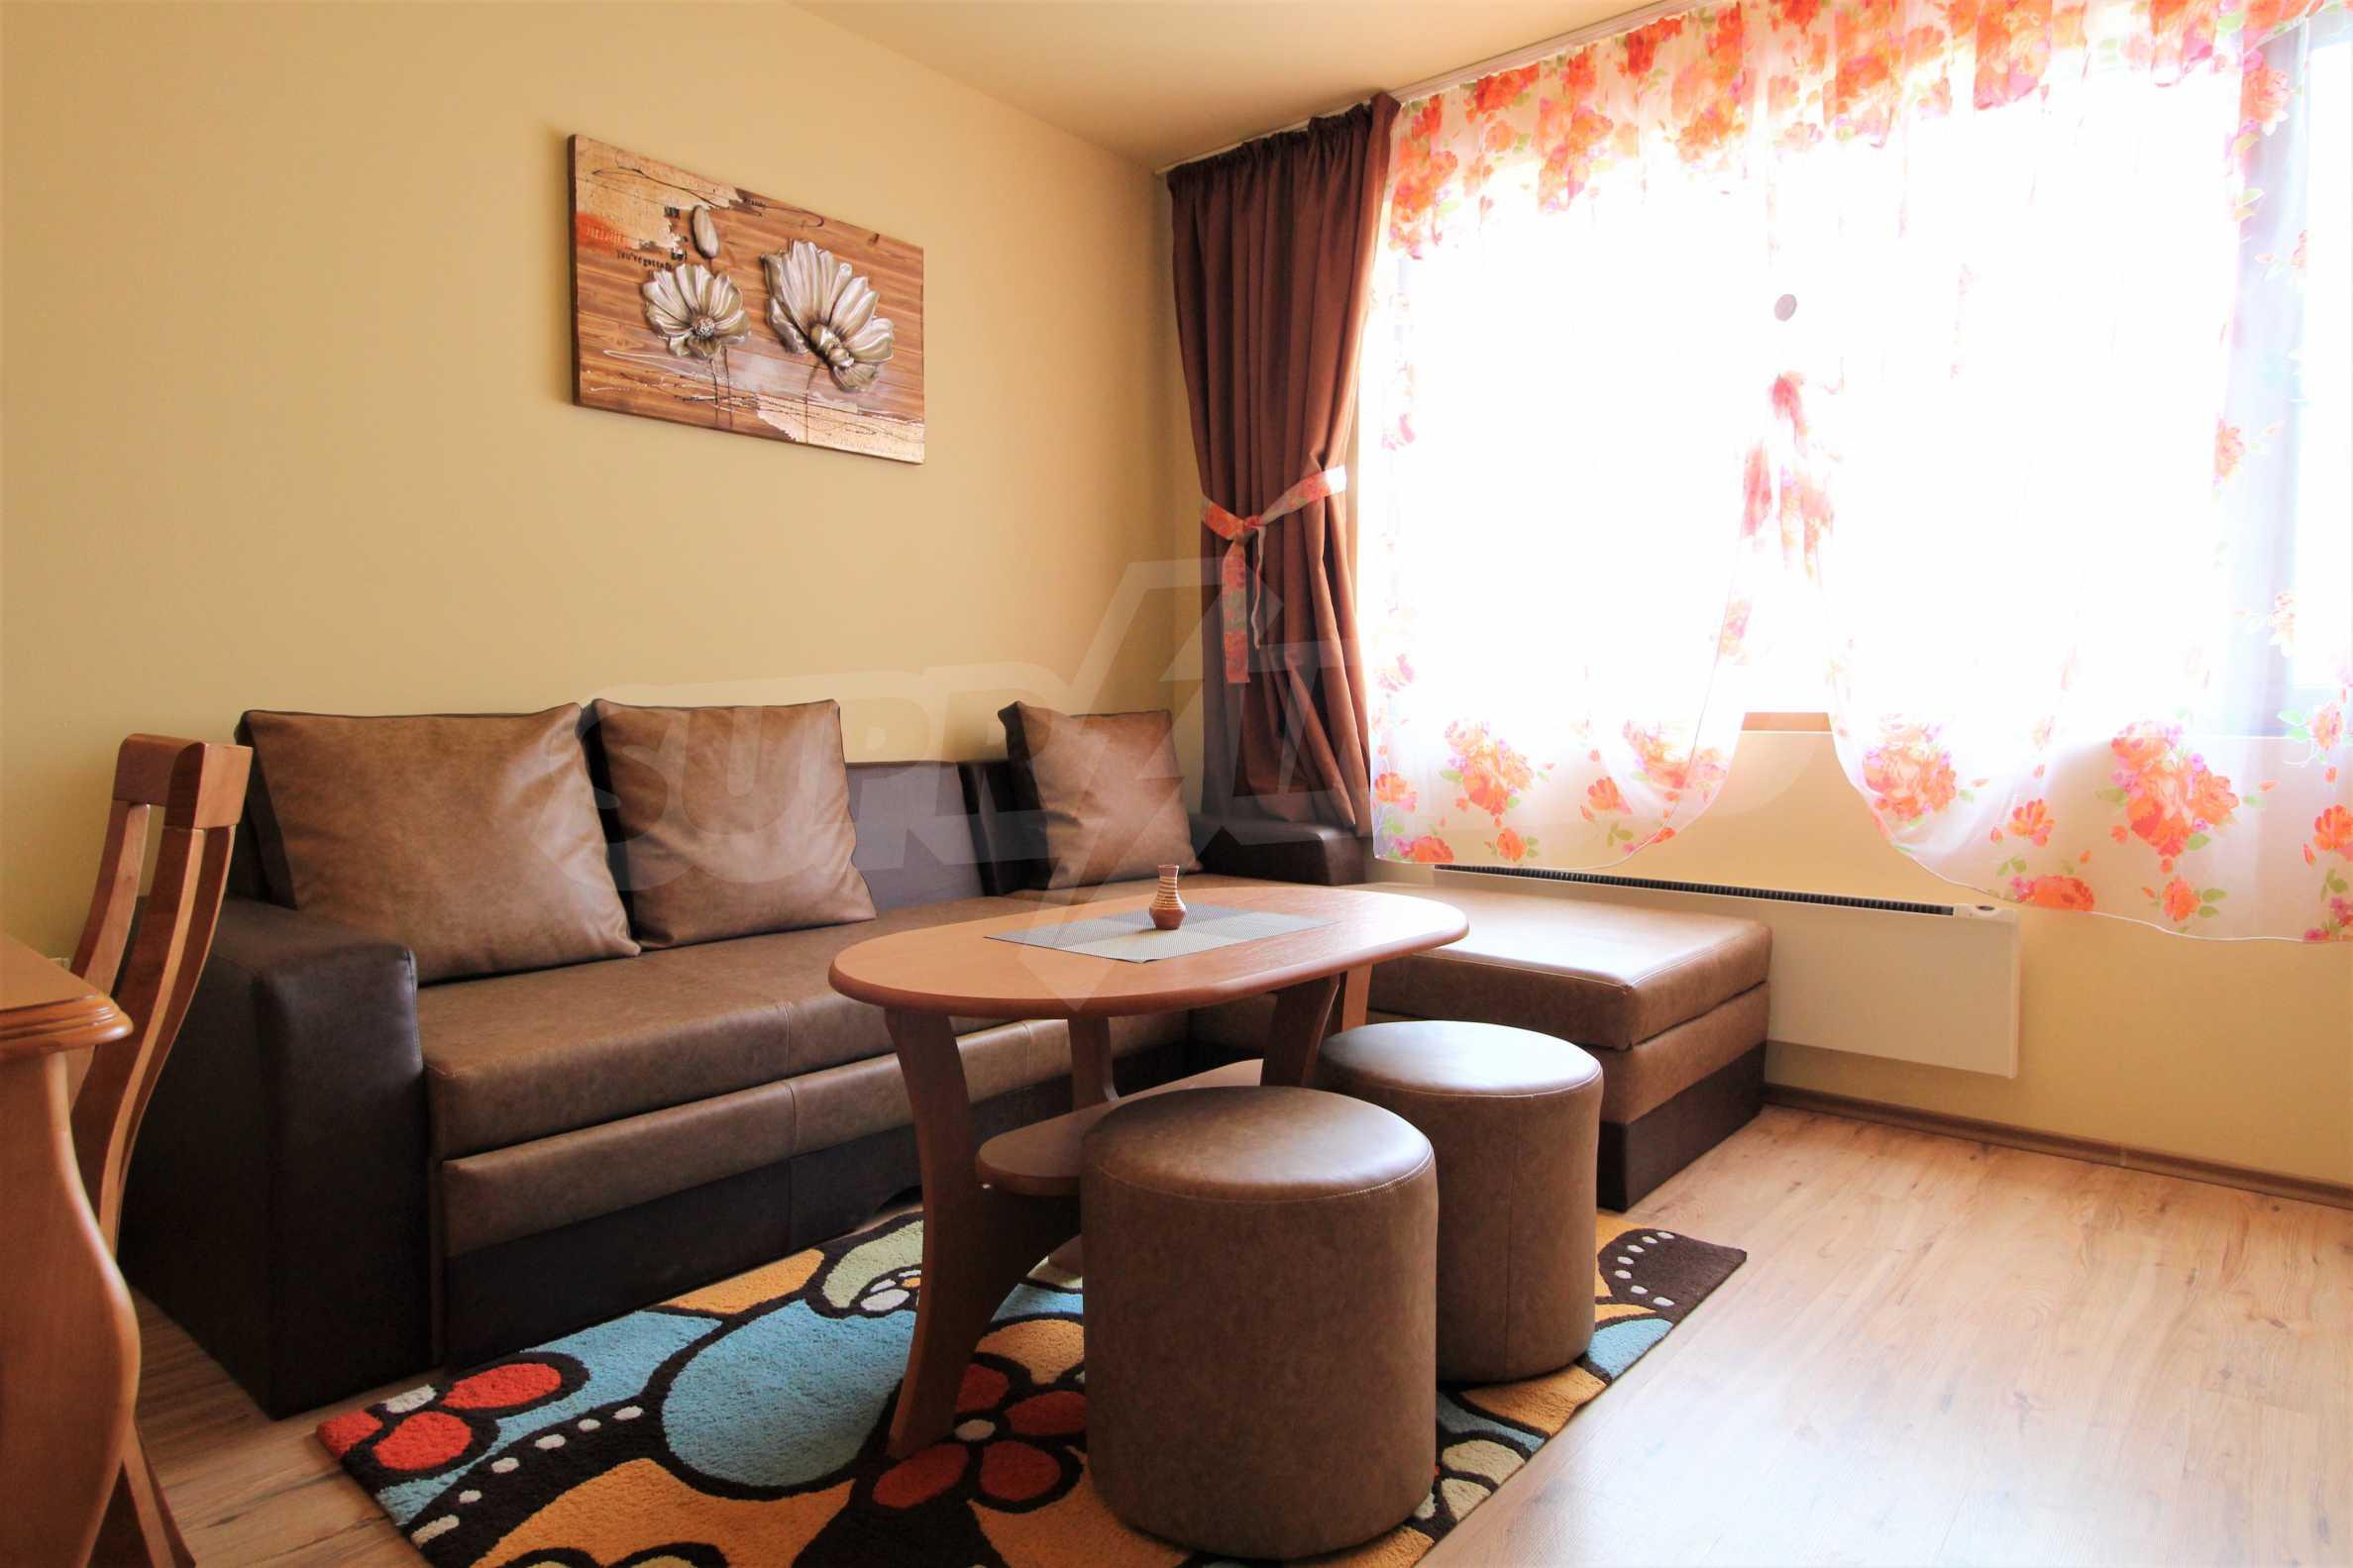 Нов едностаен апартамент в ски курорта Банско 1